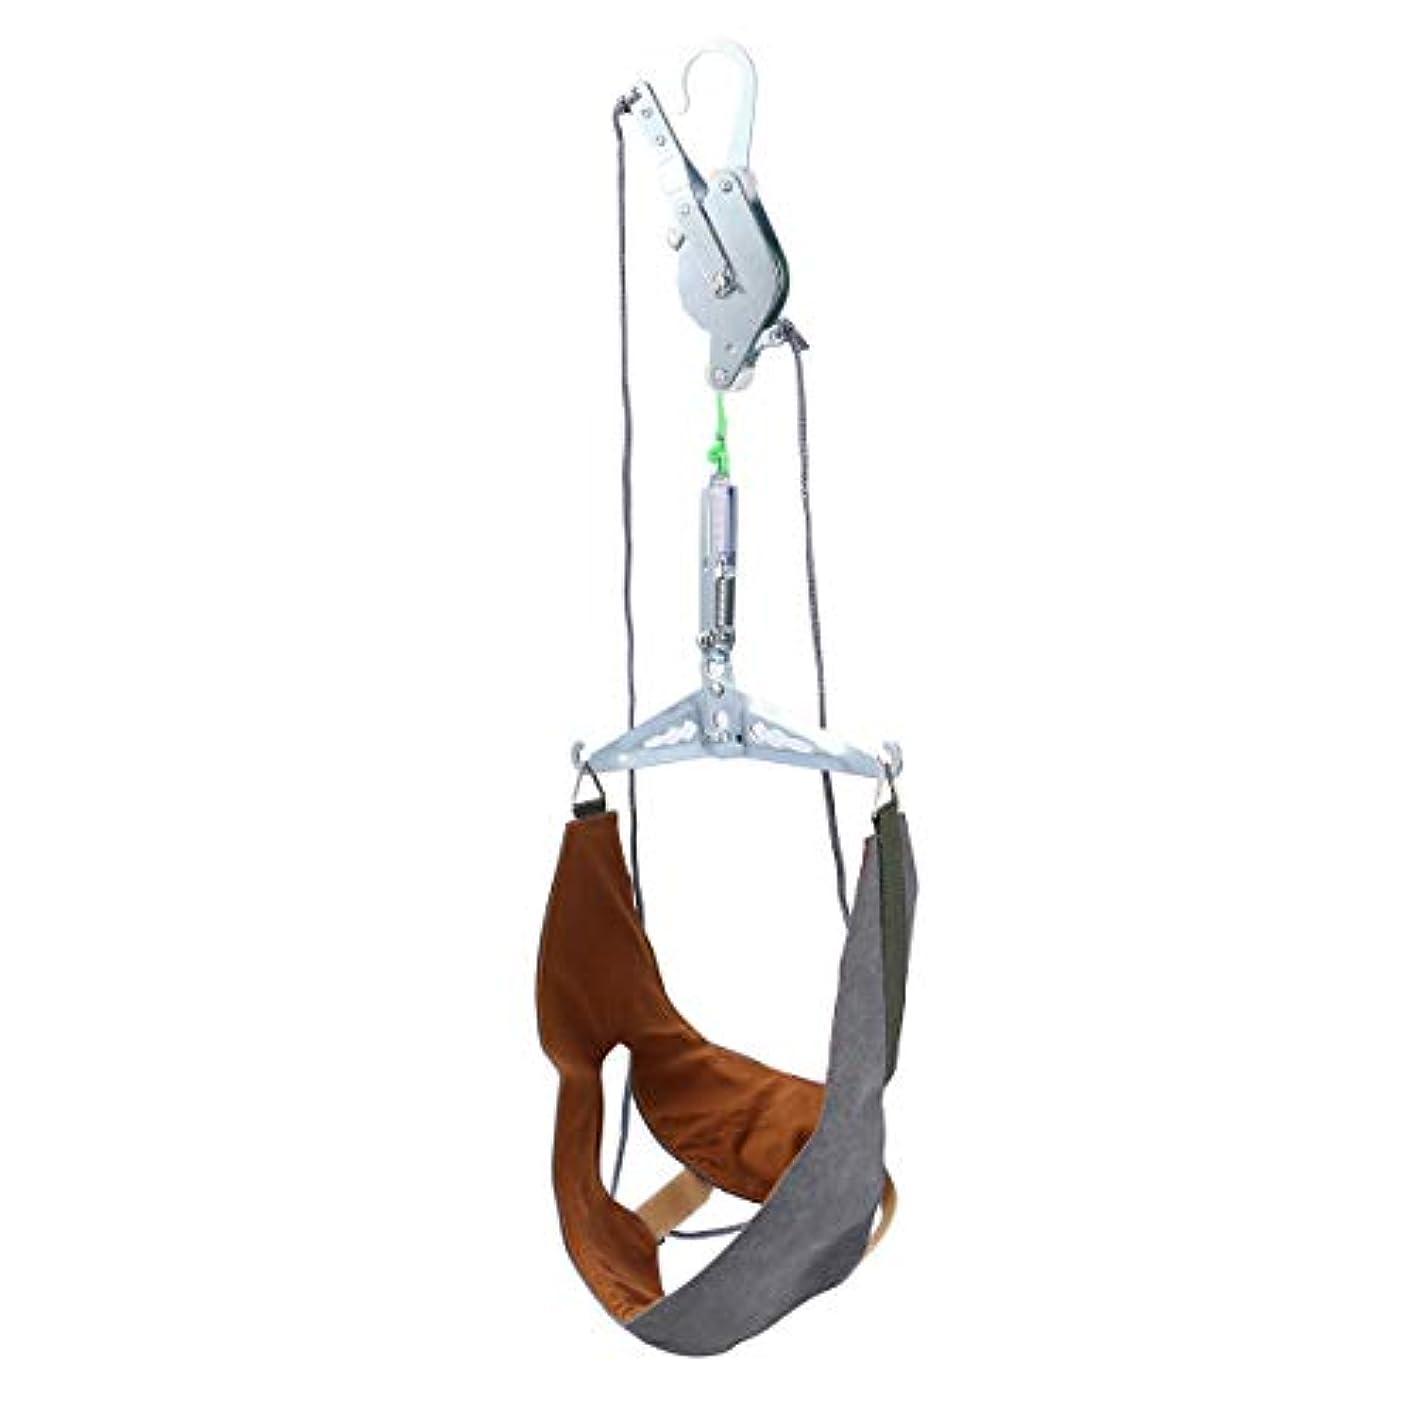 不確実高揚した名義でHealifty 家庭用 頚椎 牽引 頭痛 ストレッチ 吊り下げ式 首頸部 マッサージ 牽引装置 ネックサポート 頚椎首ガード保護スリーブ ネックホルダー(ランダムカラー)